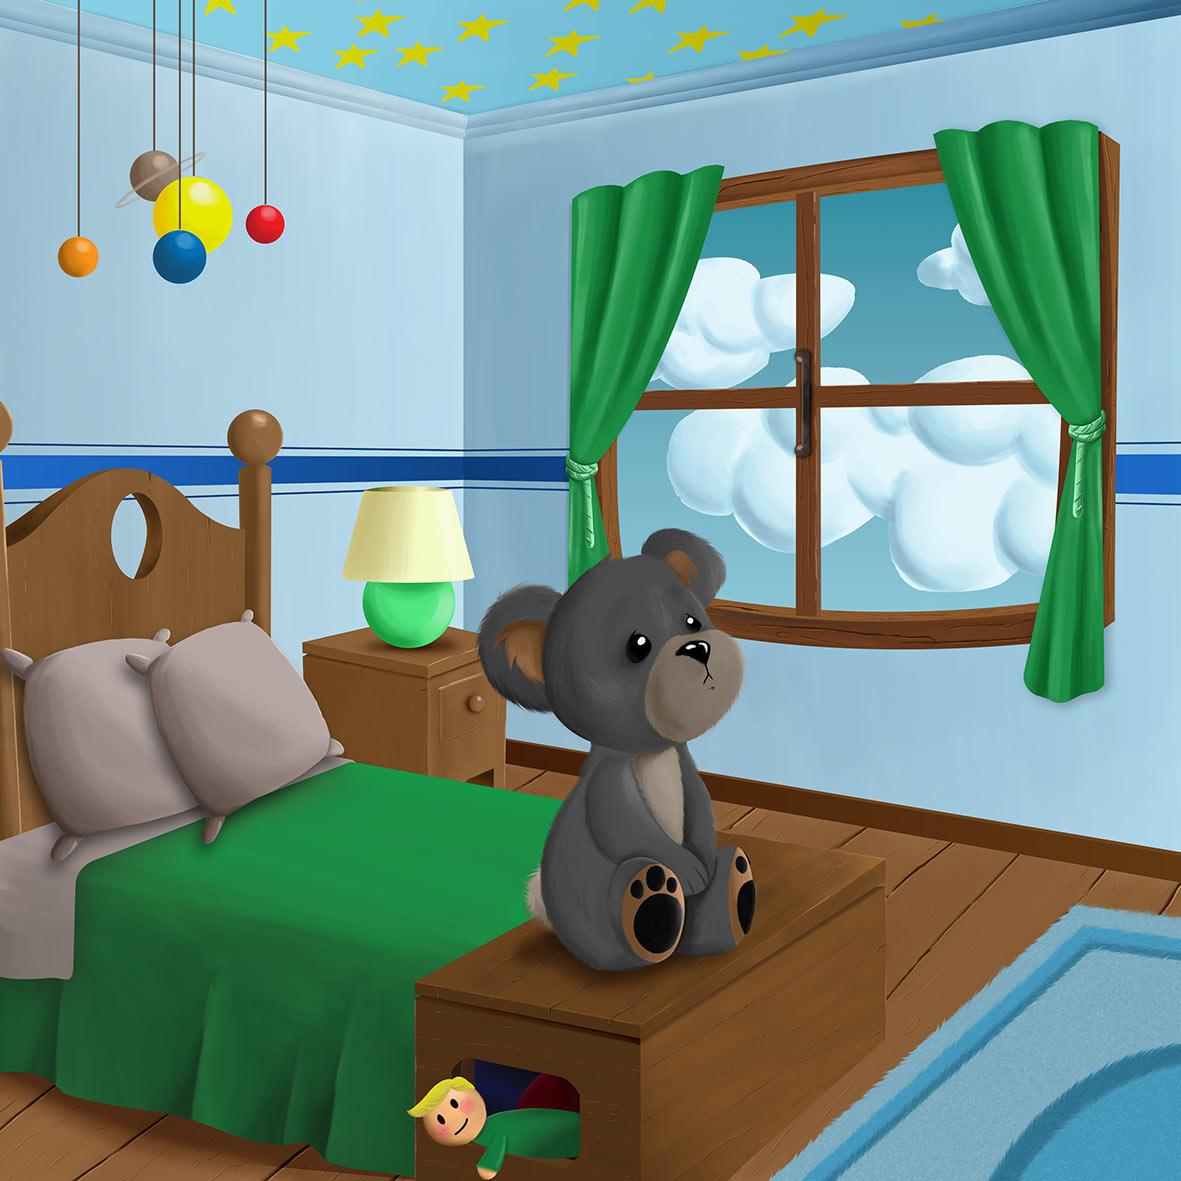 Una de las ilustraciones para cuento infantil en apoyo a las personas en riesgo de exclusión. Francisco Javier Lekuona | Ilustrador